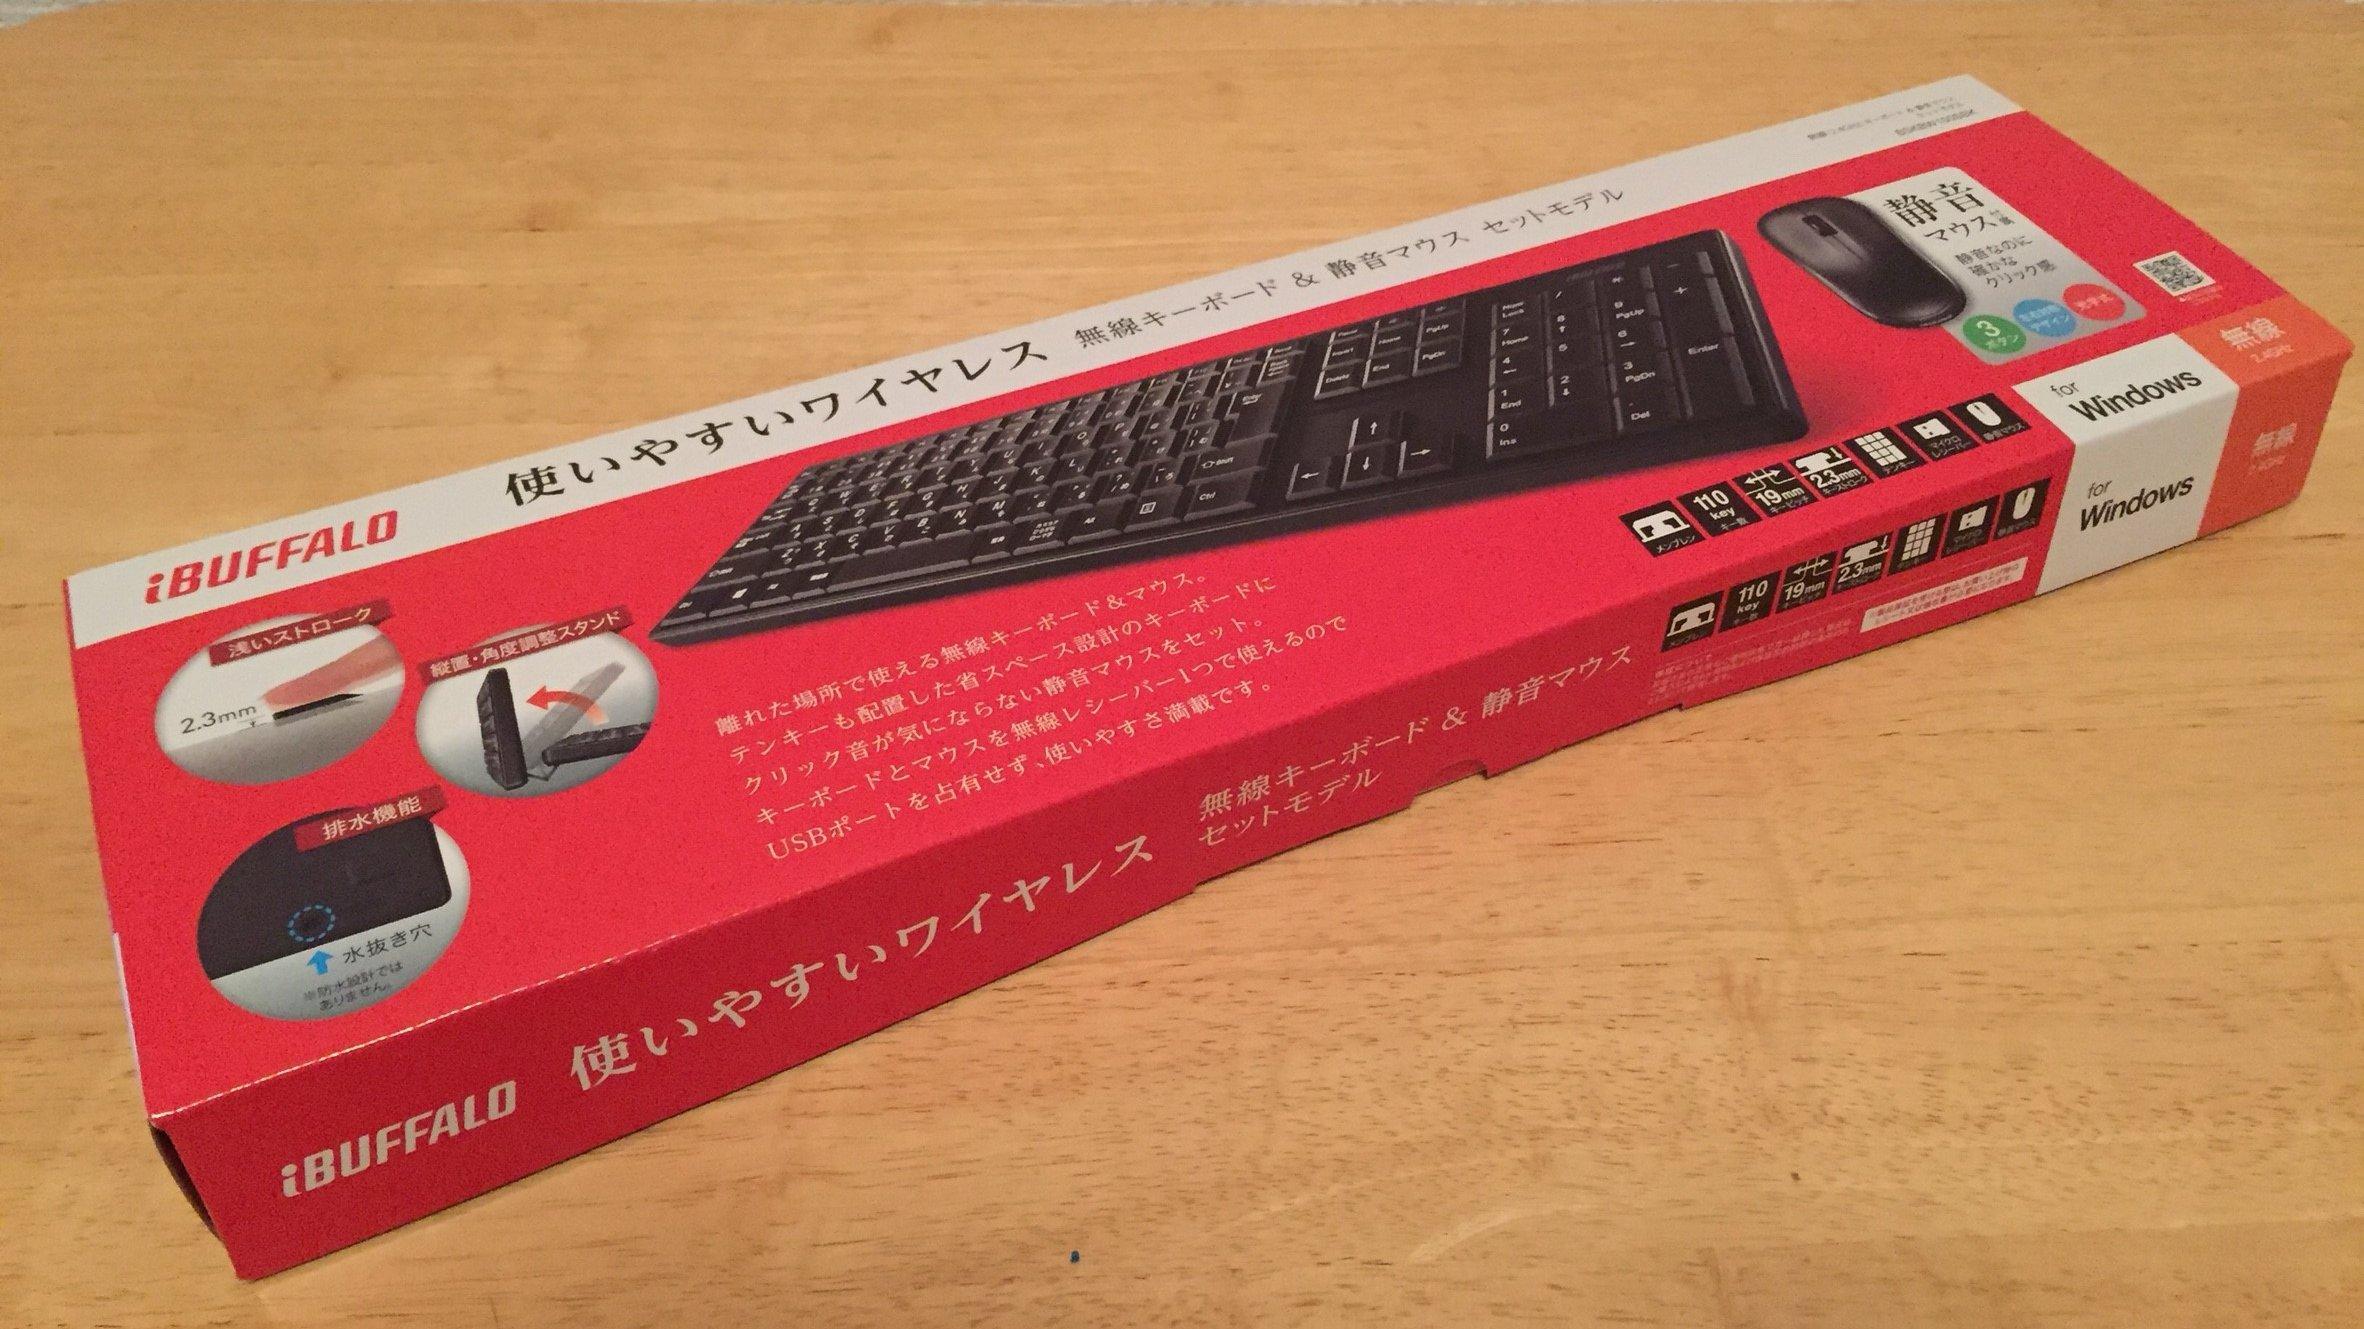 無線キーボード BSKBW100SBK は接続も安定していて使いやすい